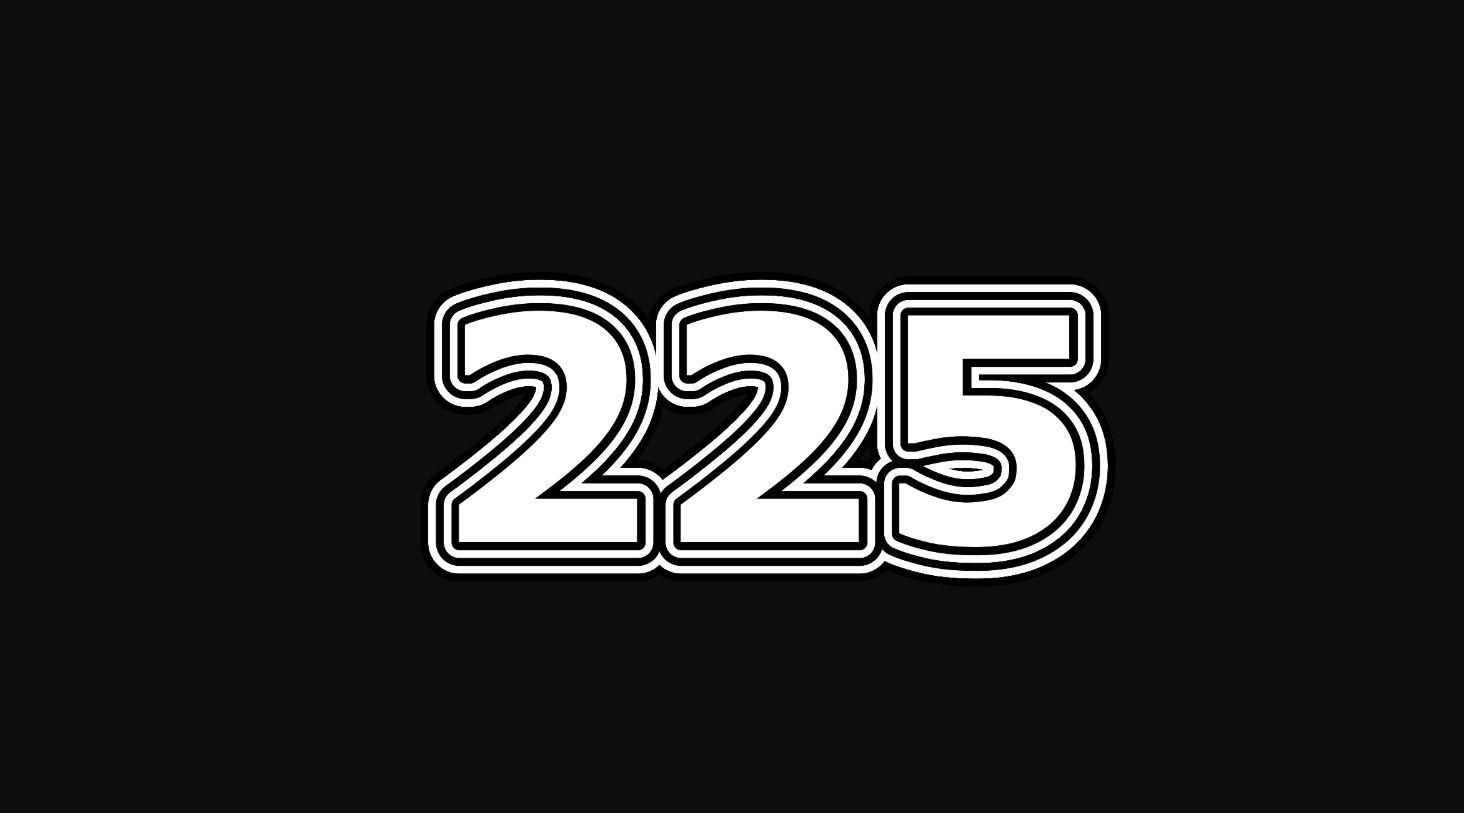 Die Bedeutung der Zahl 225